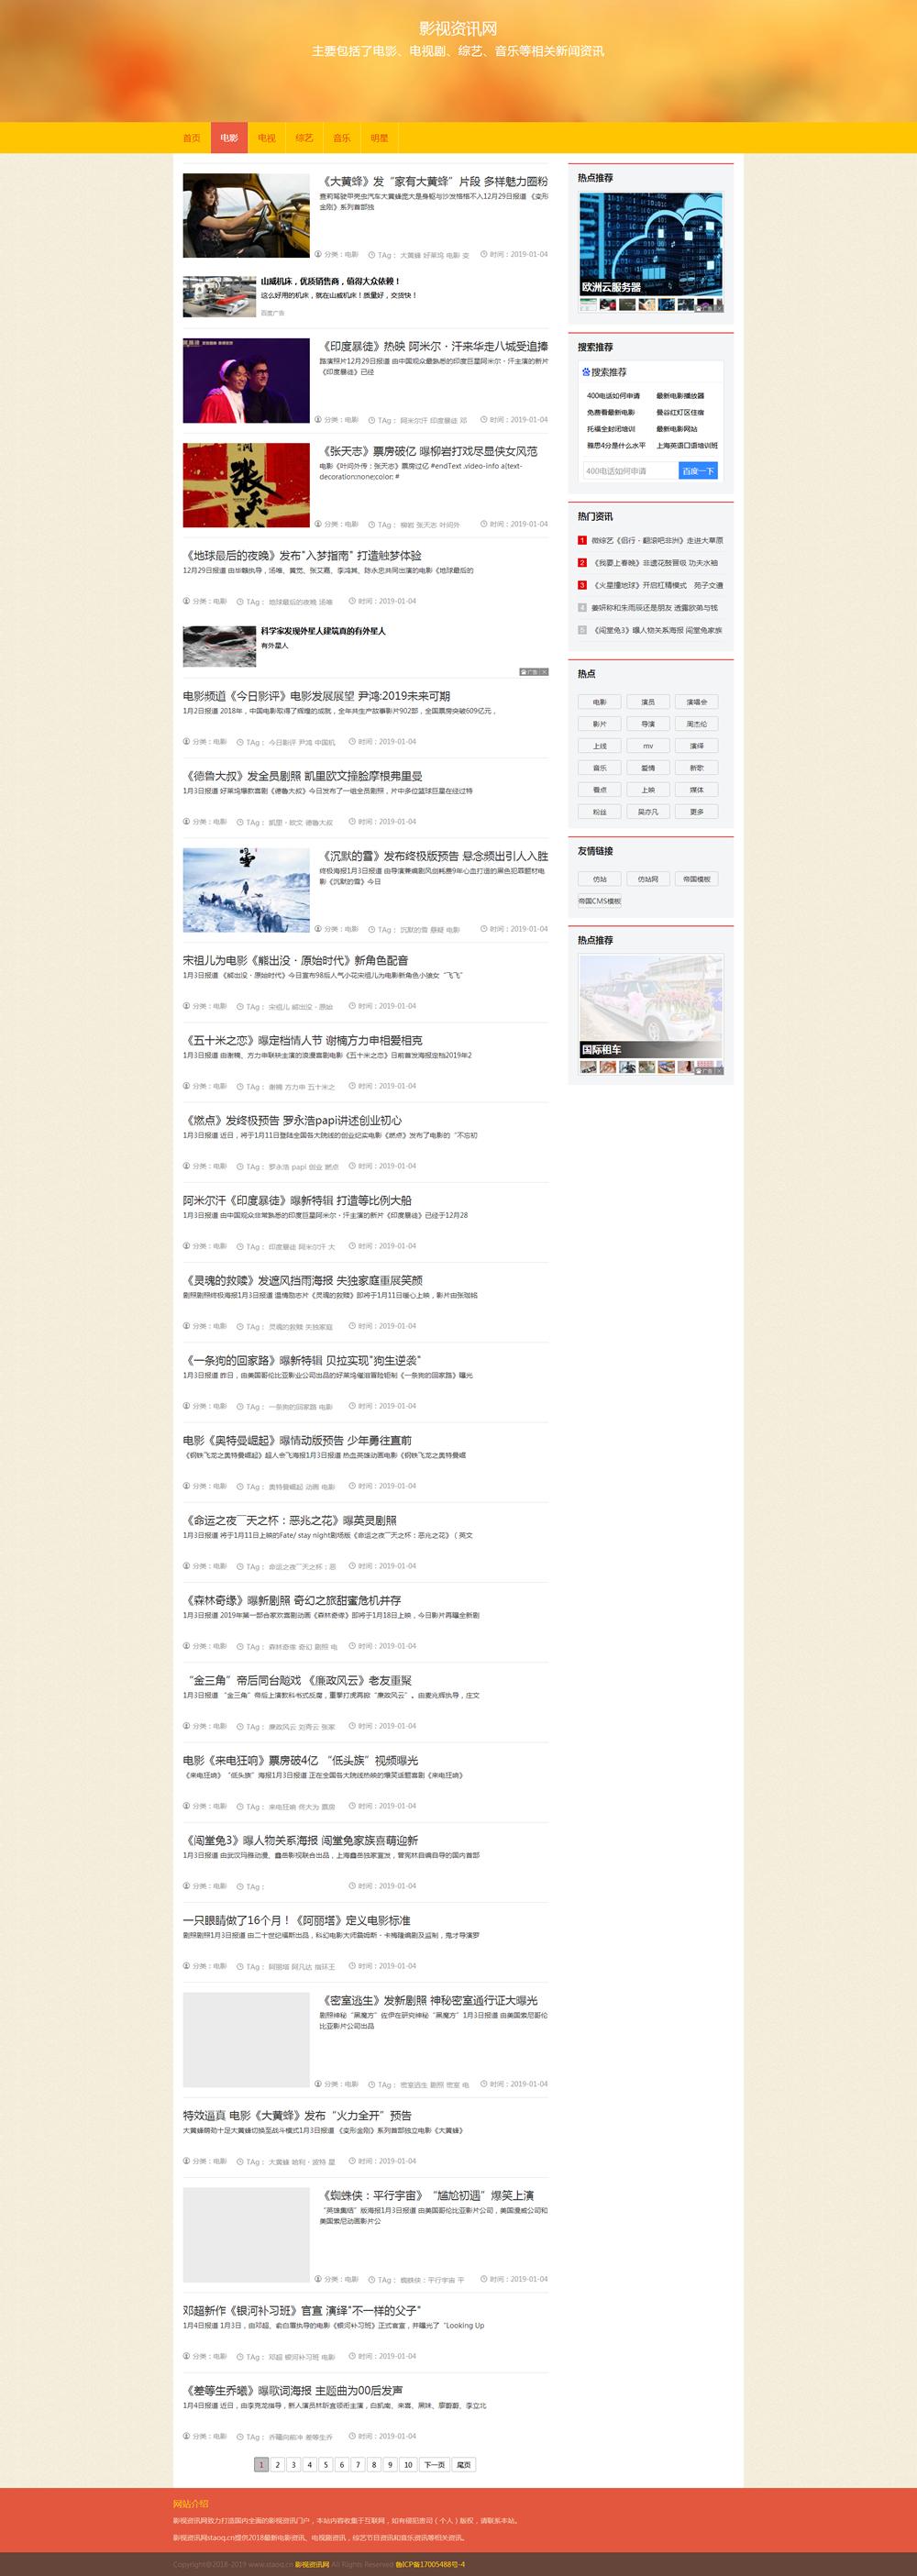 帝国cms橙色自适应响应式mip网站模板_栏目模板